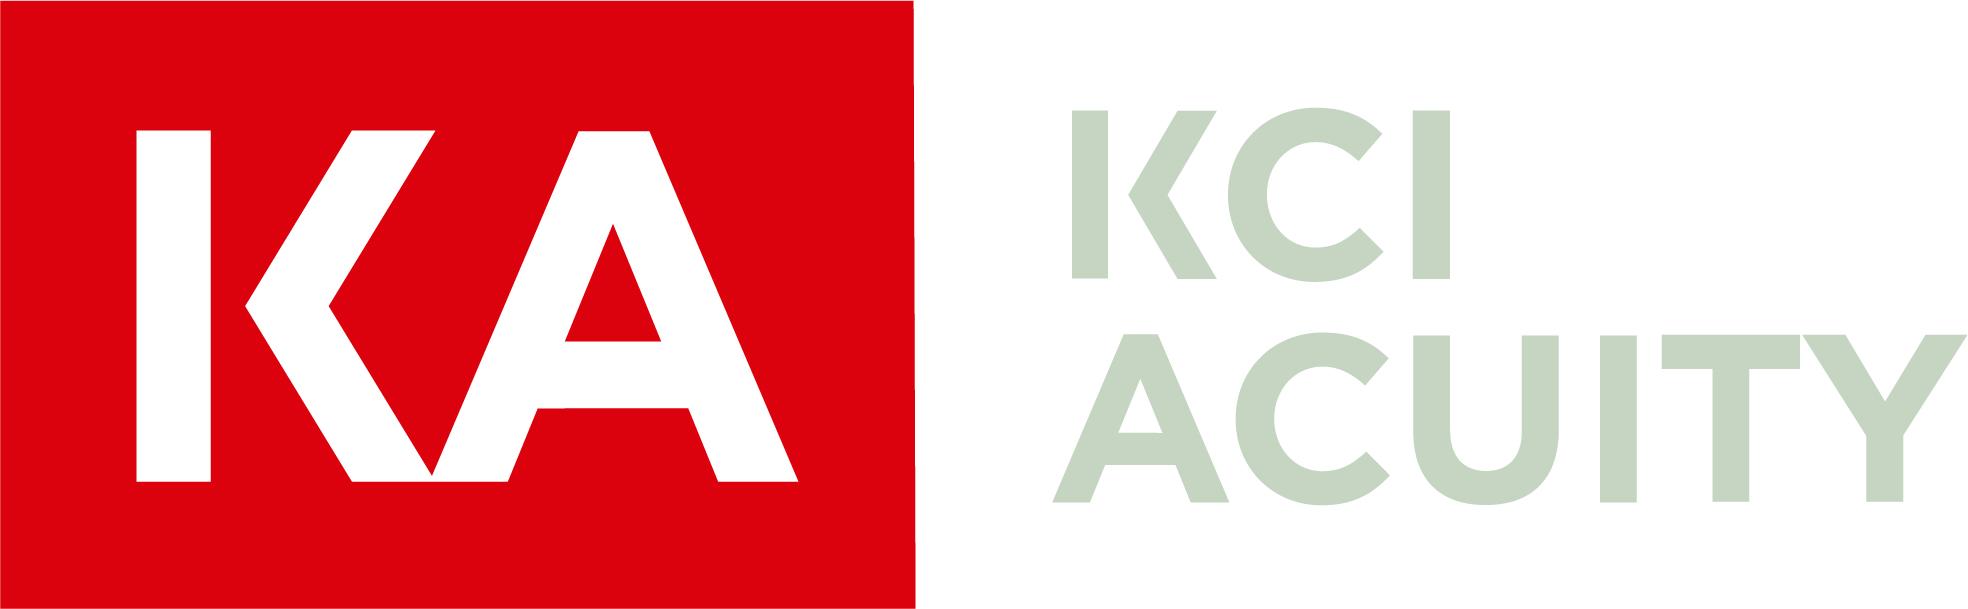 KCI-Acuity